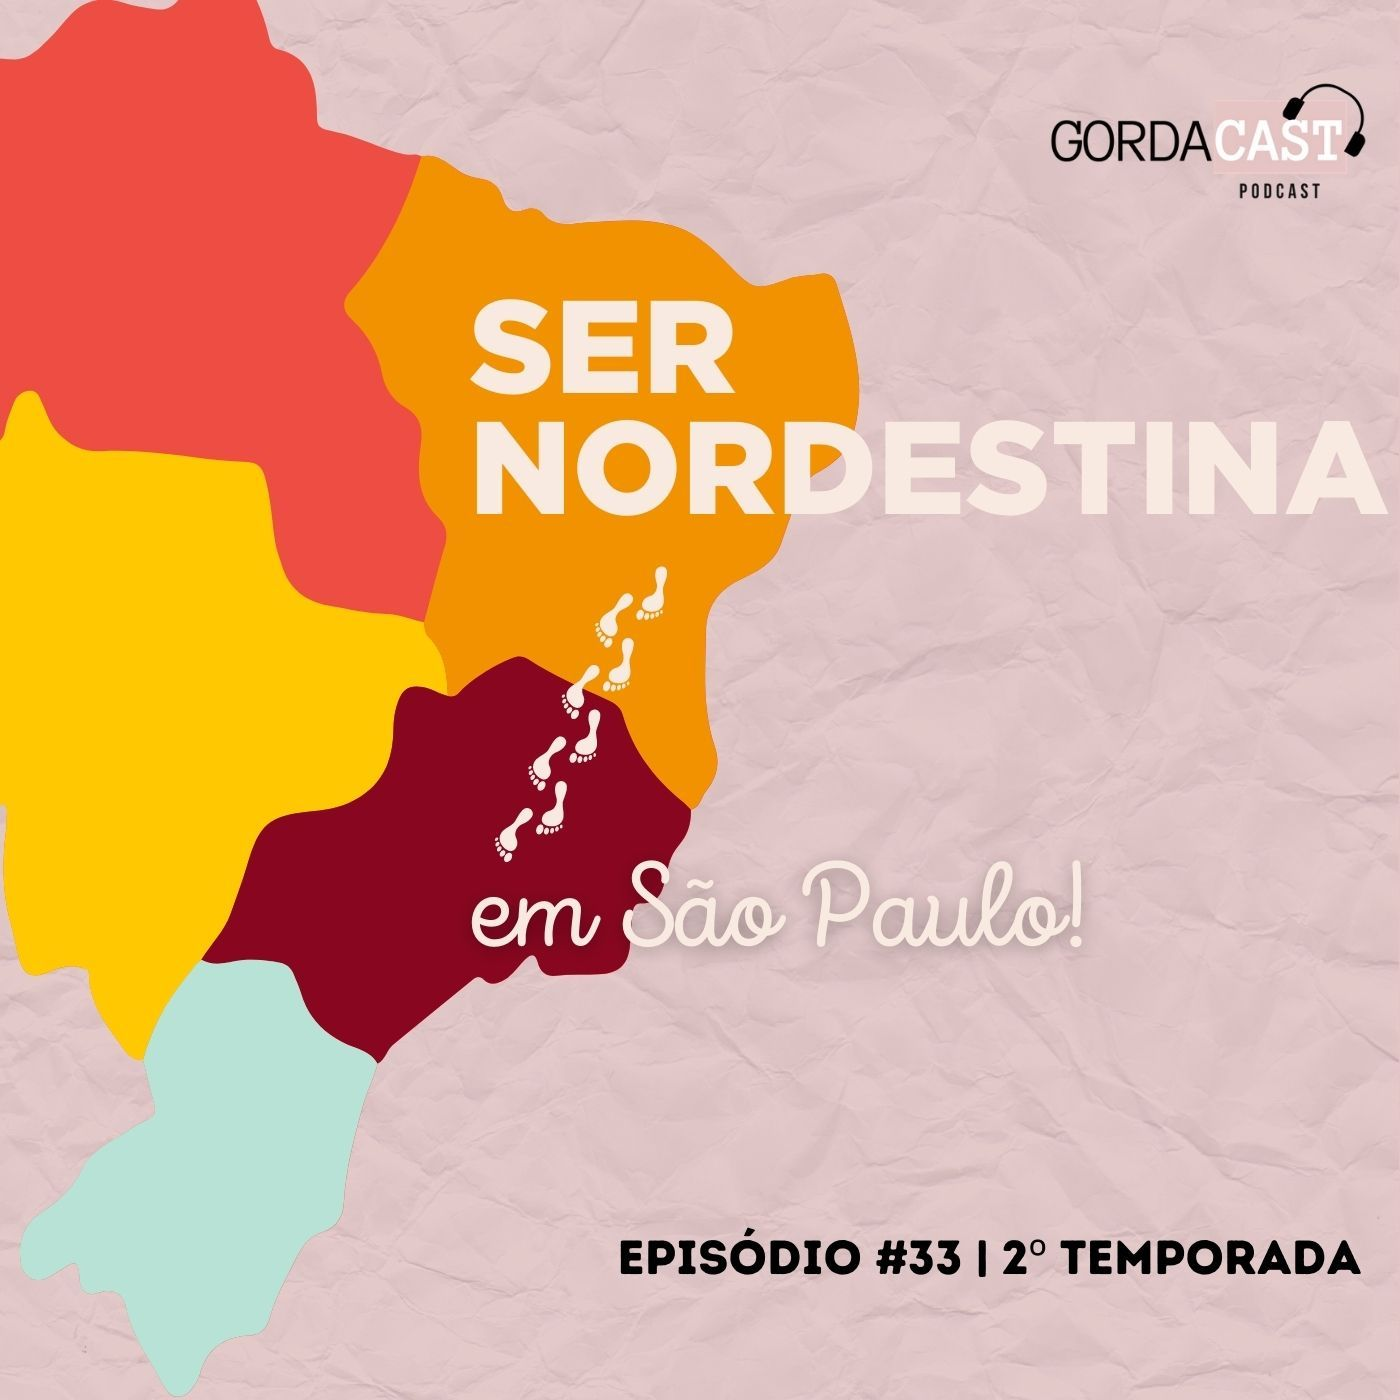 GordaCast #33   Ser Nordestina em São Paulo com Clara Fagundes